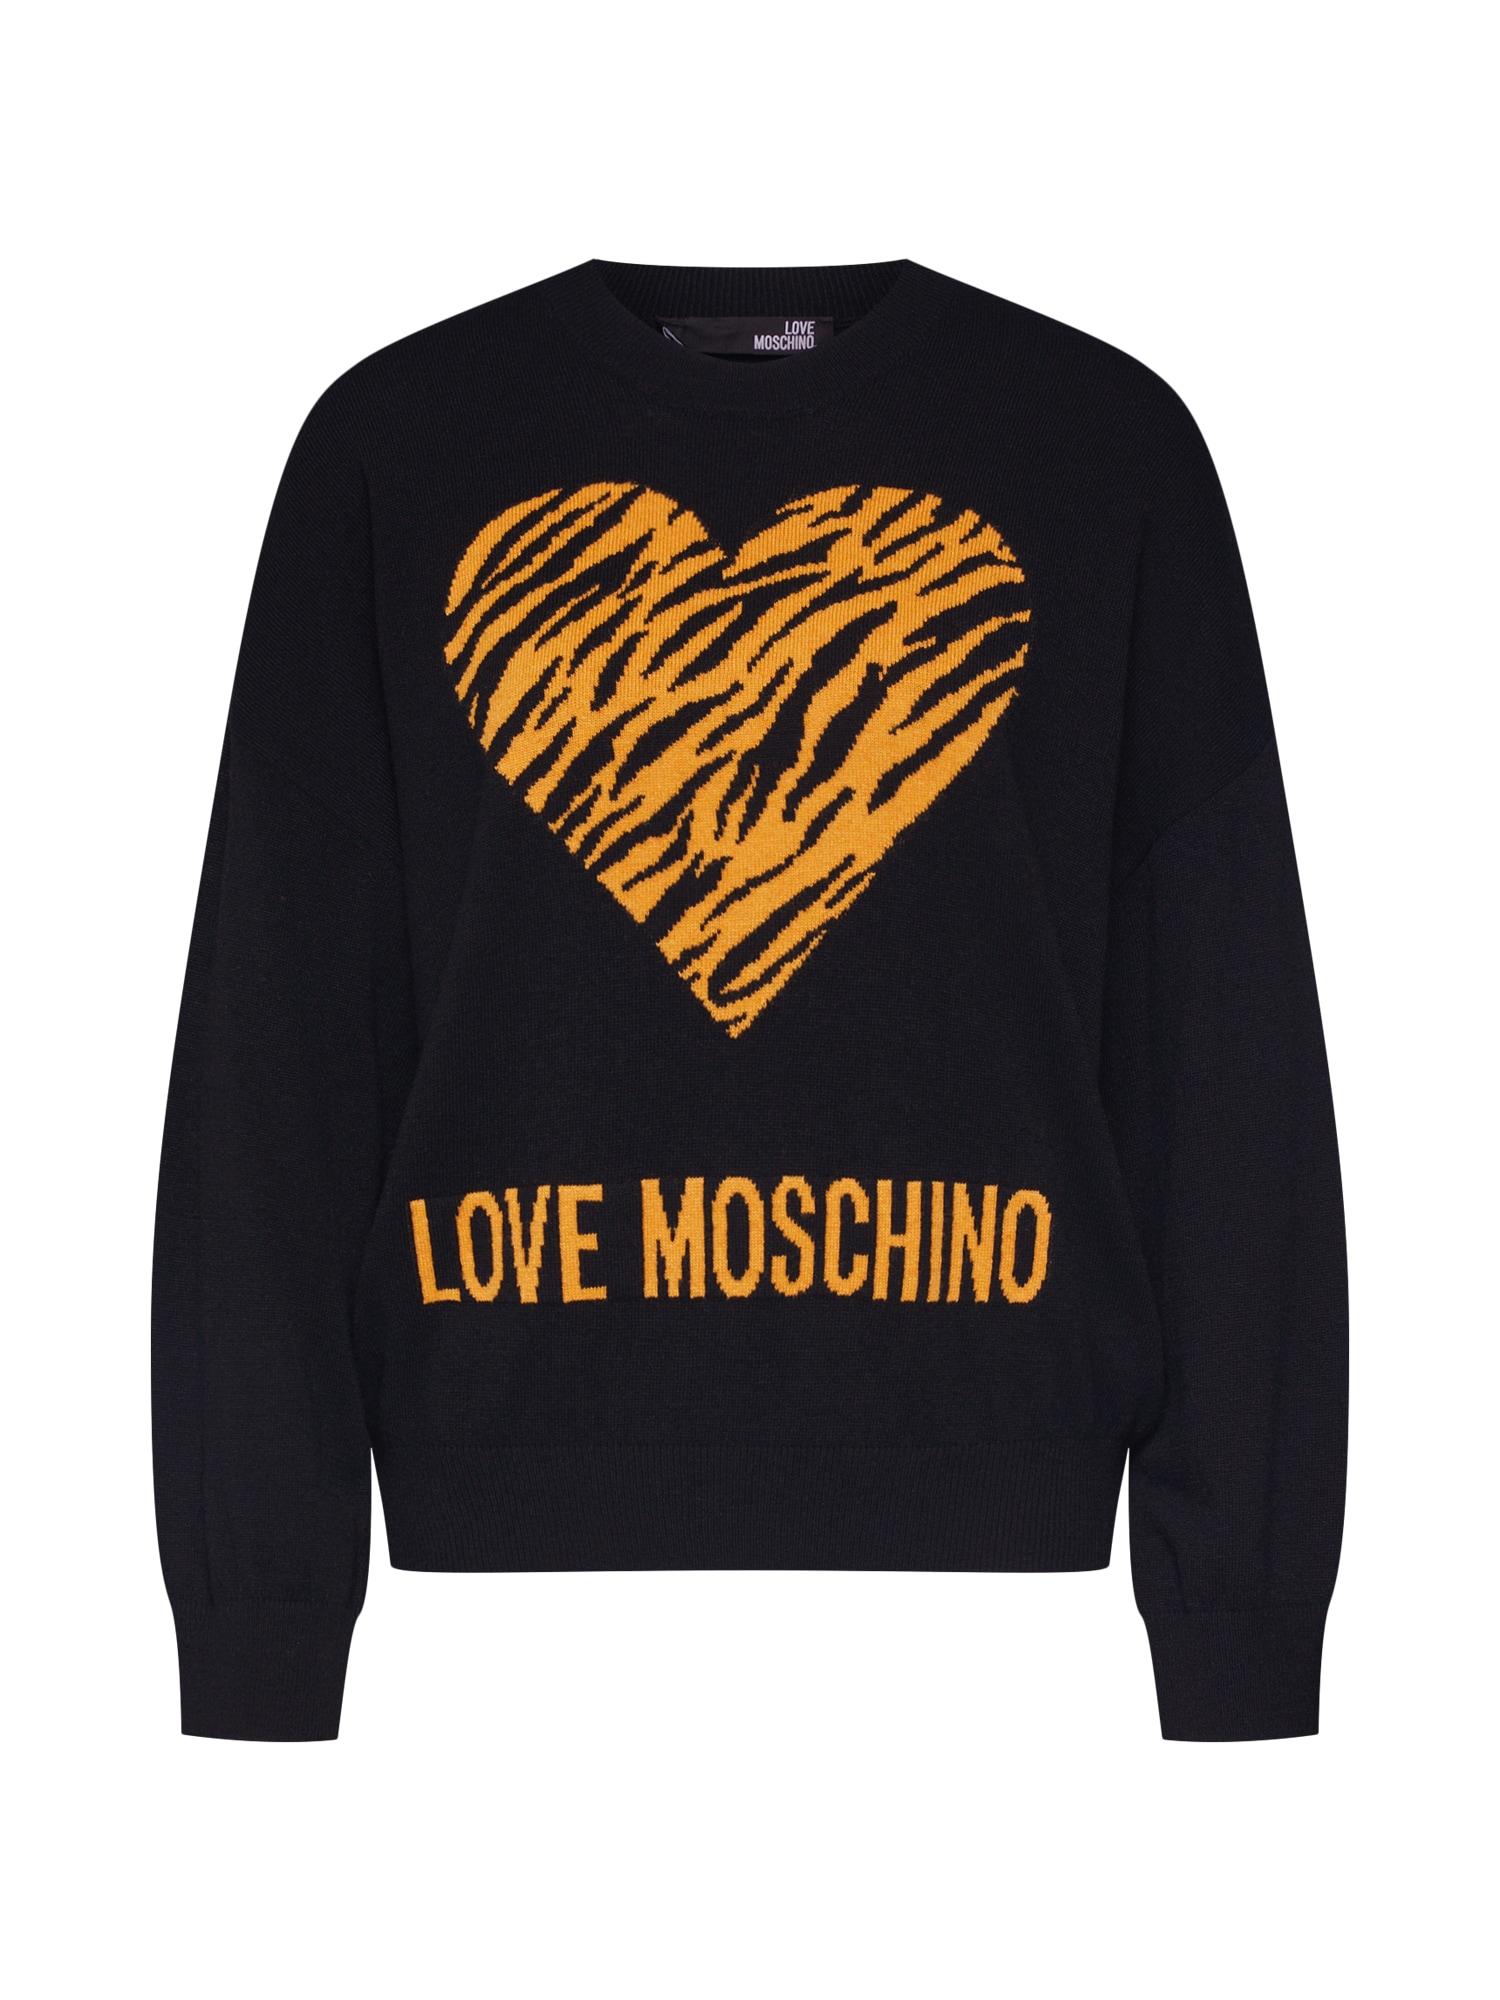 Svetr MAGLIA CON CUORE JACQUARD TIGRE černá Love Moschino